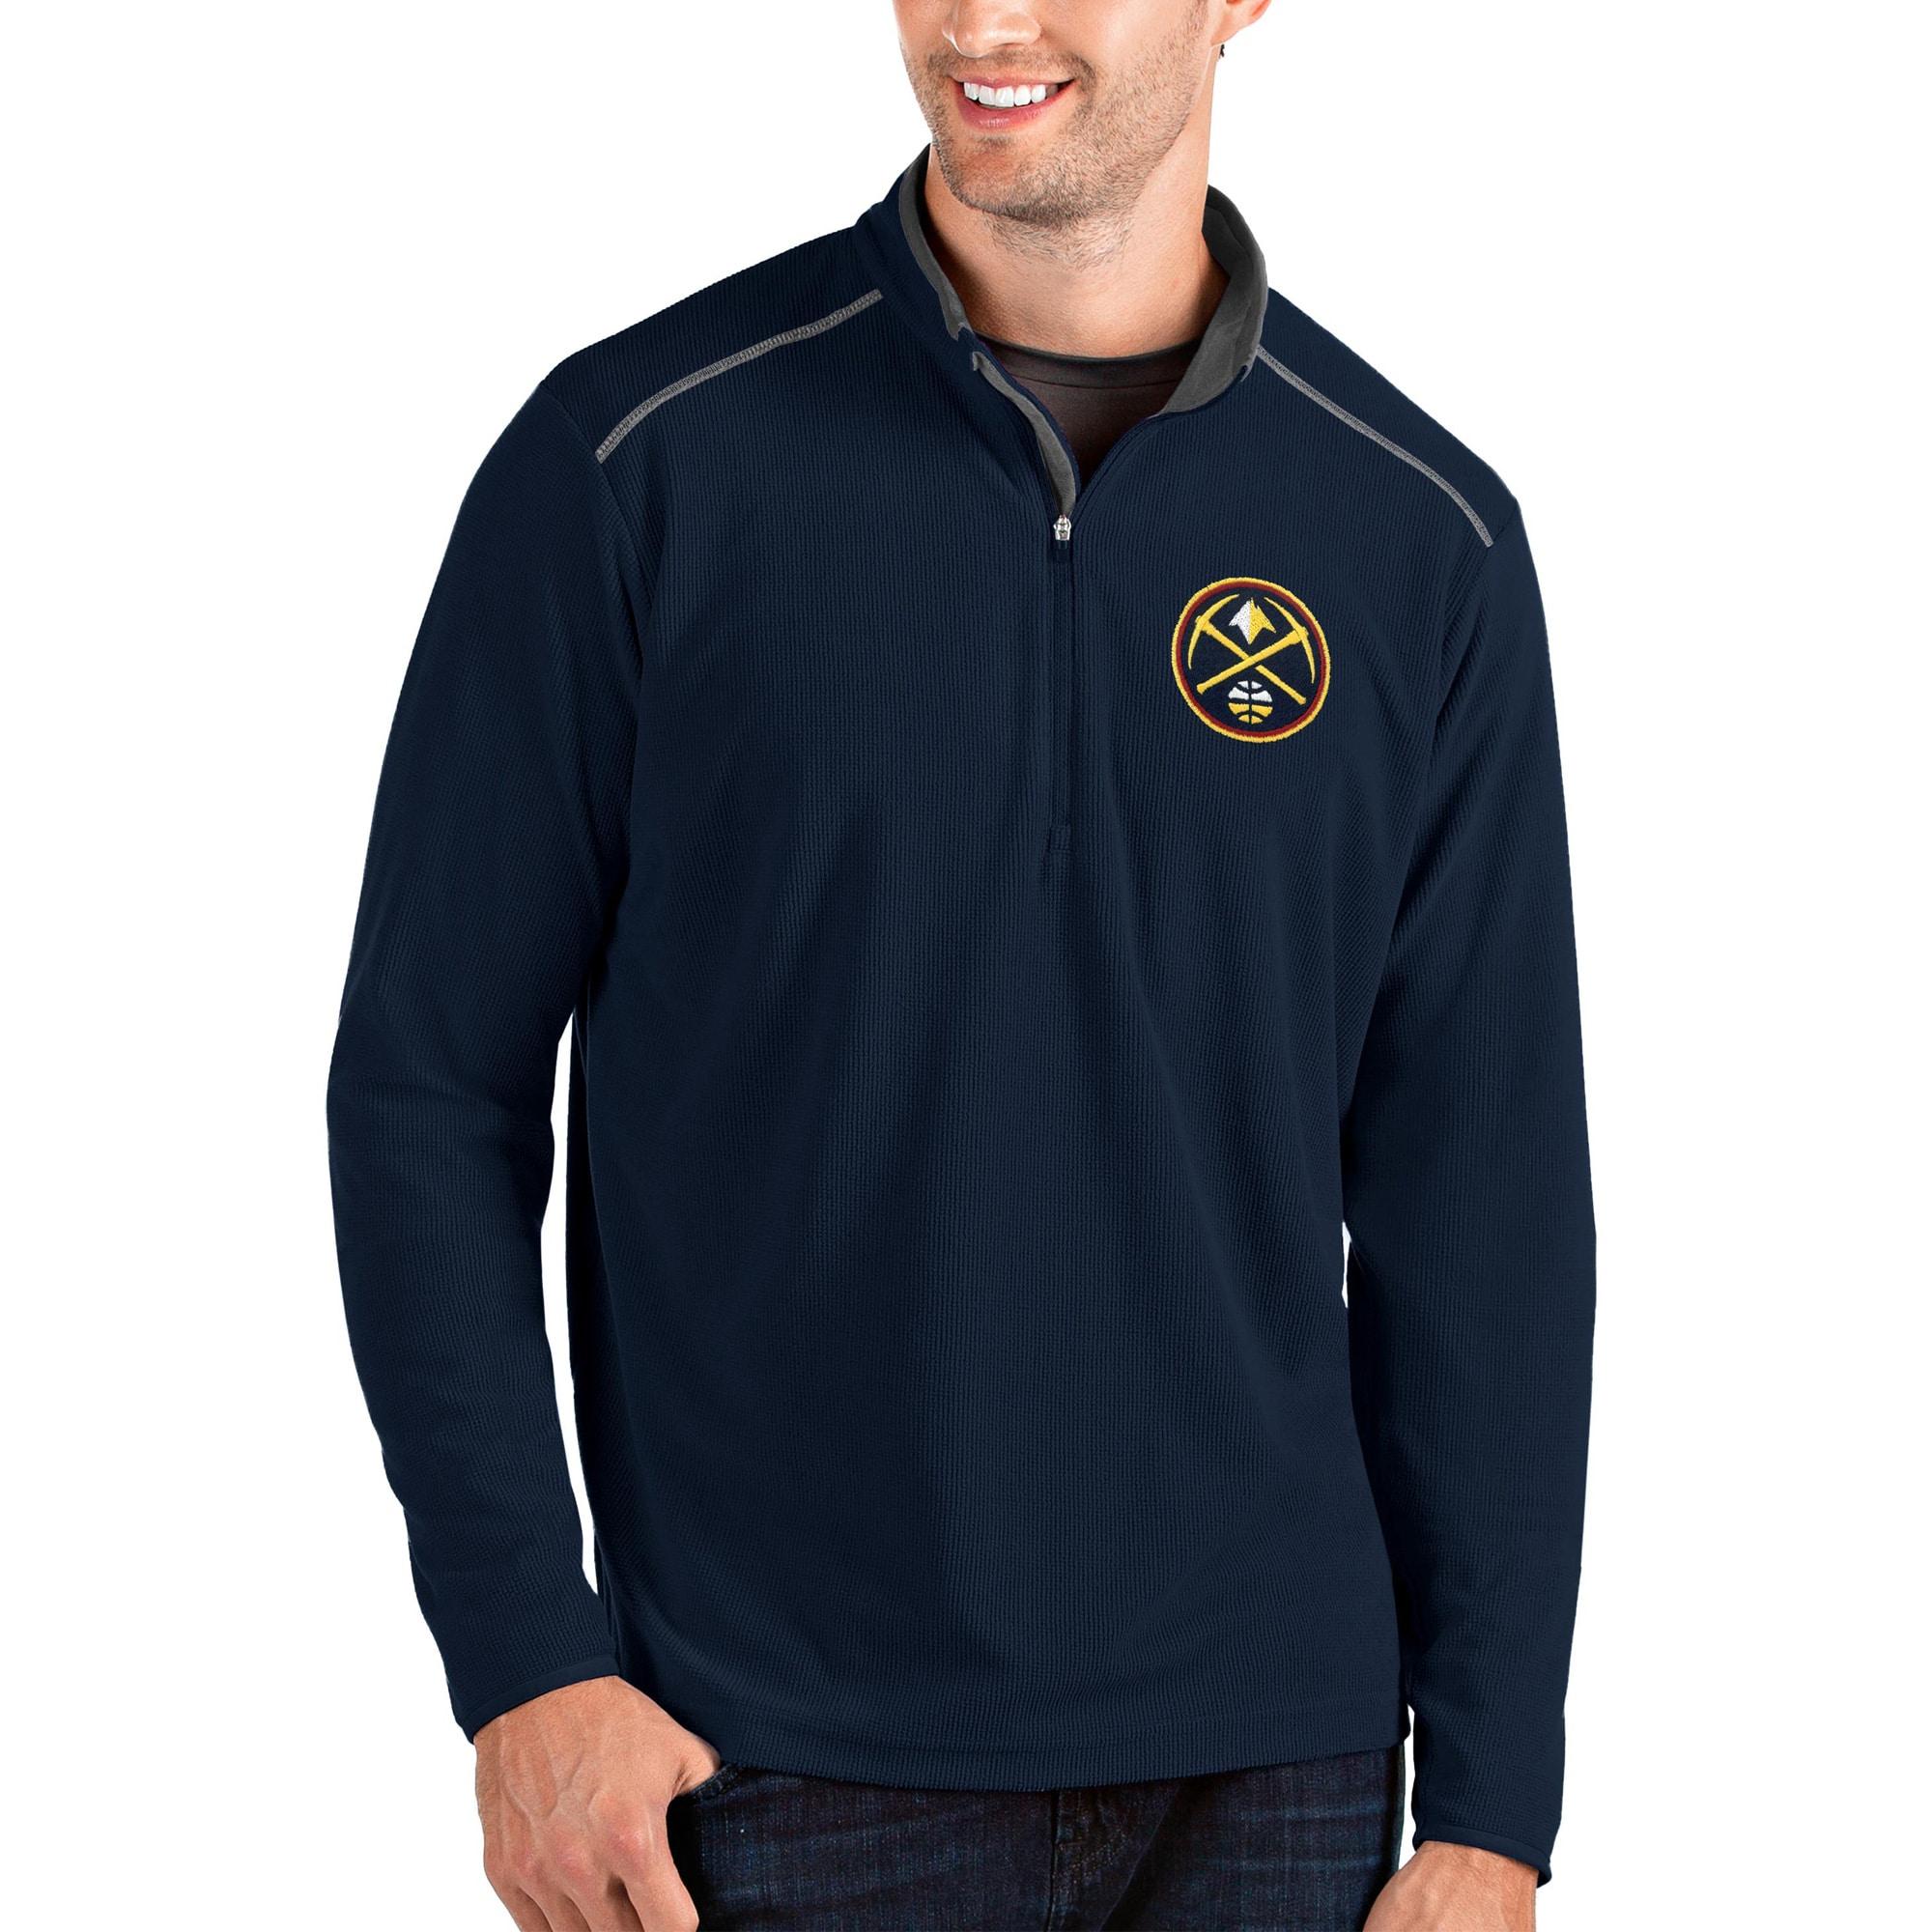 Denver Nuggets Antigua Glacier Quarter-Zip Pullover Jacket - Navy/Gray